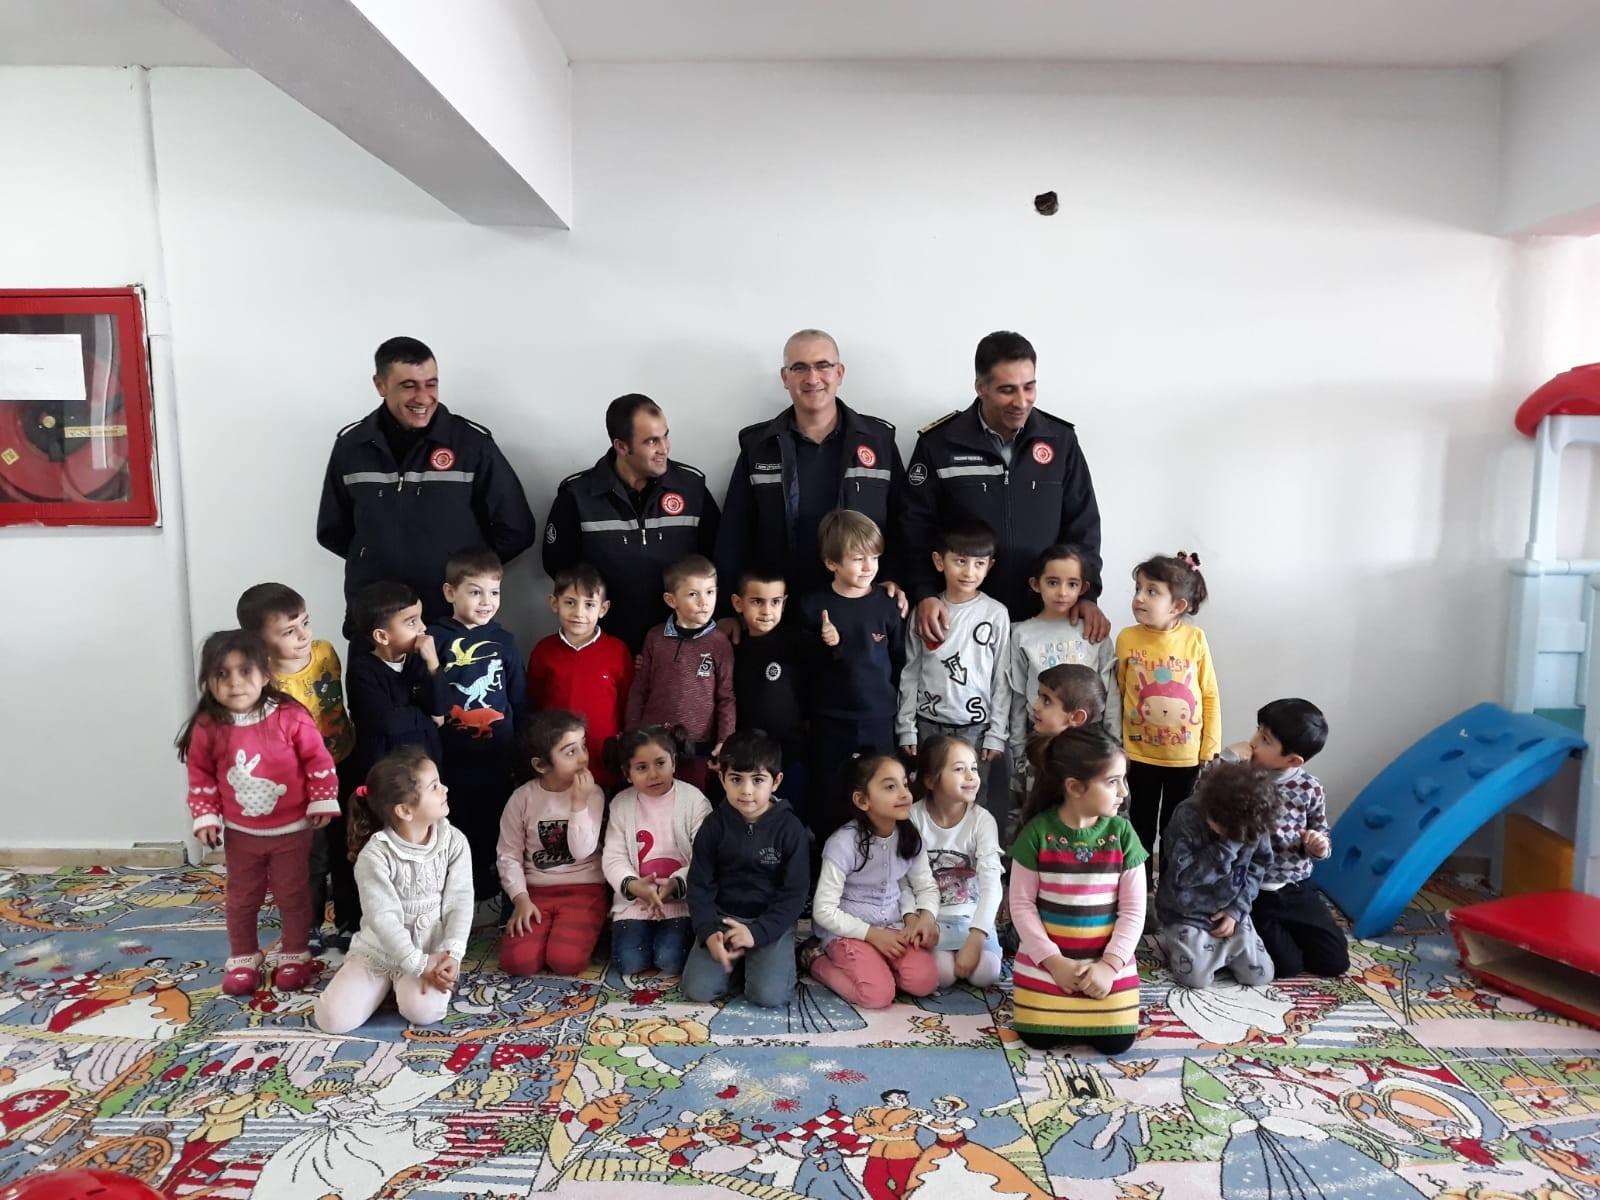 İtfaiye ekipleri okullarda eğitim vermeye devam ediyor